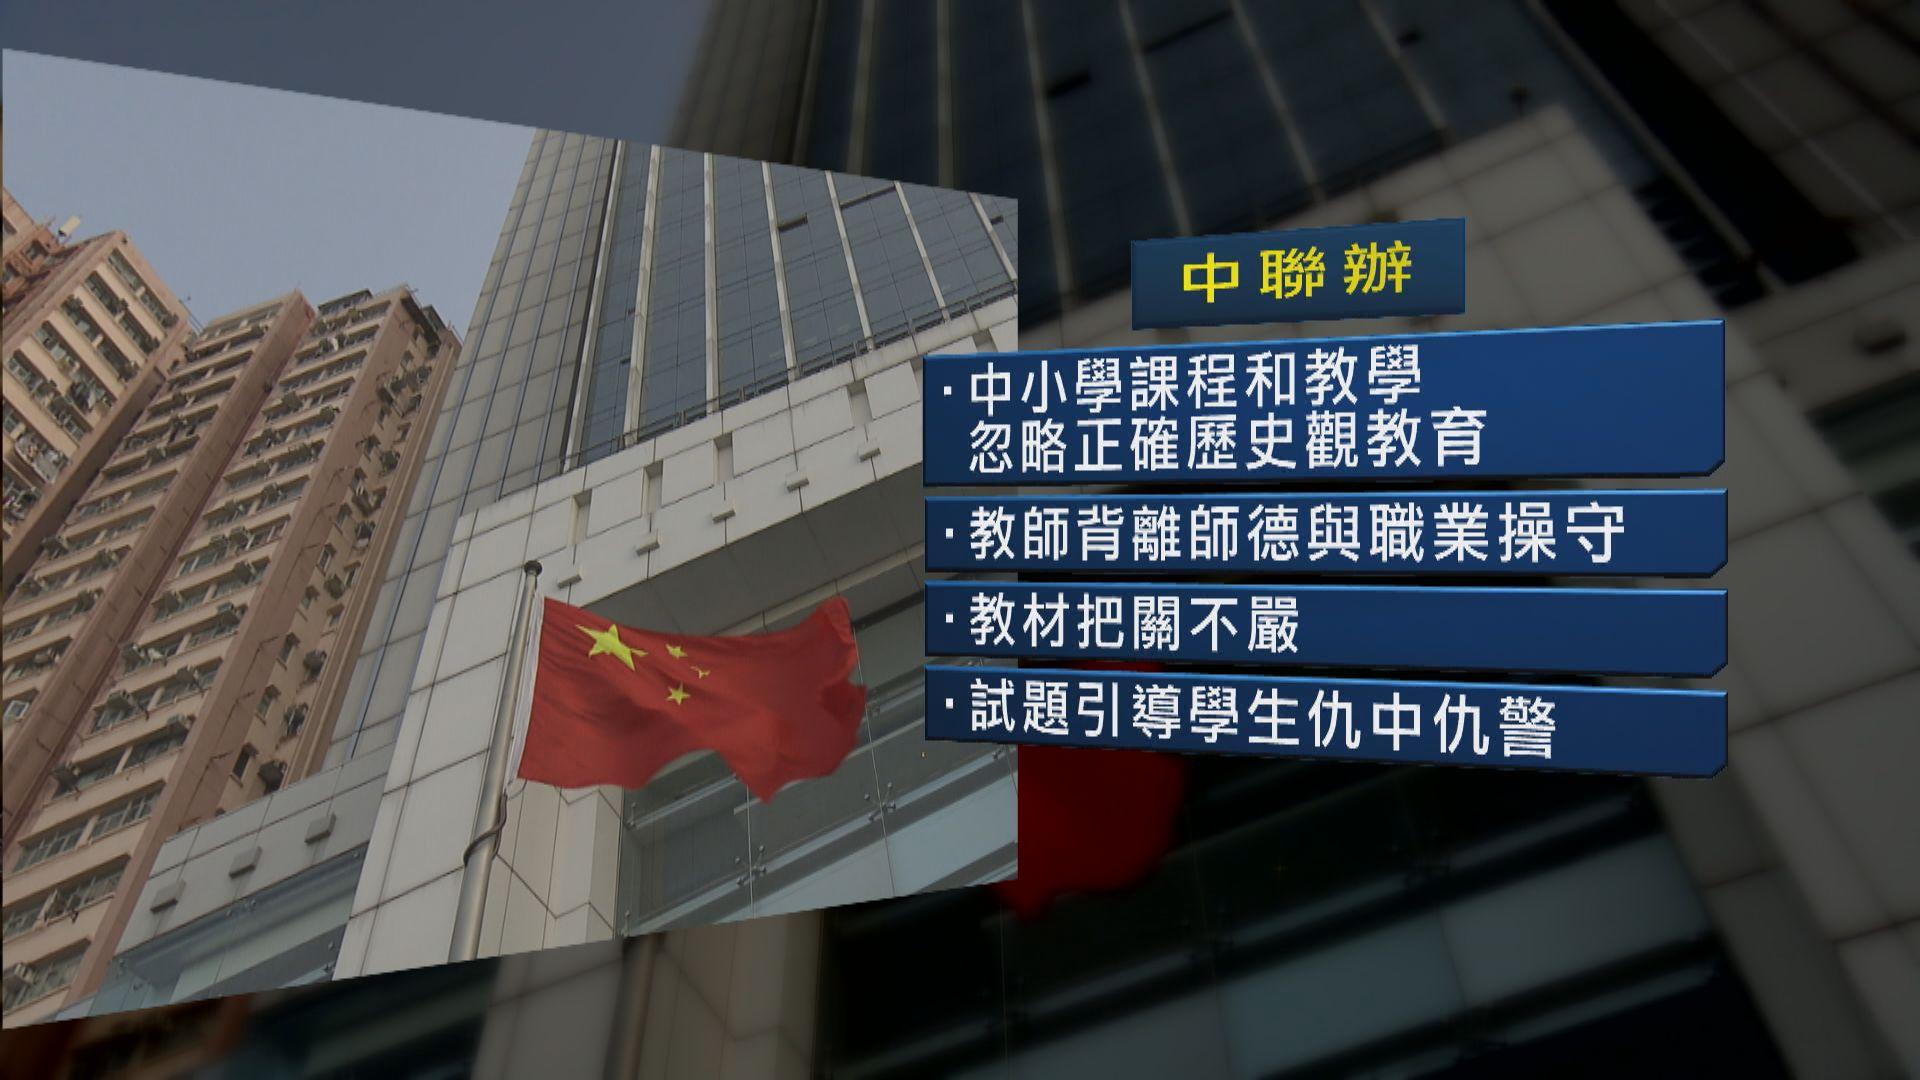 中聯辦:中央支持港府行使教育管治權 建立健全與一國兩制相適應的教育體系